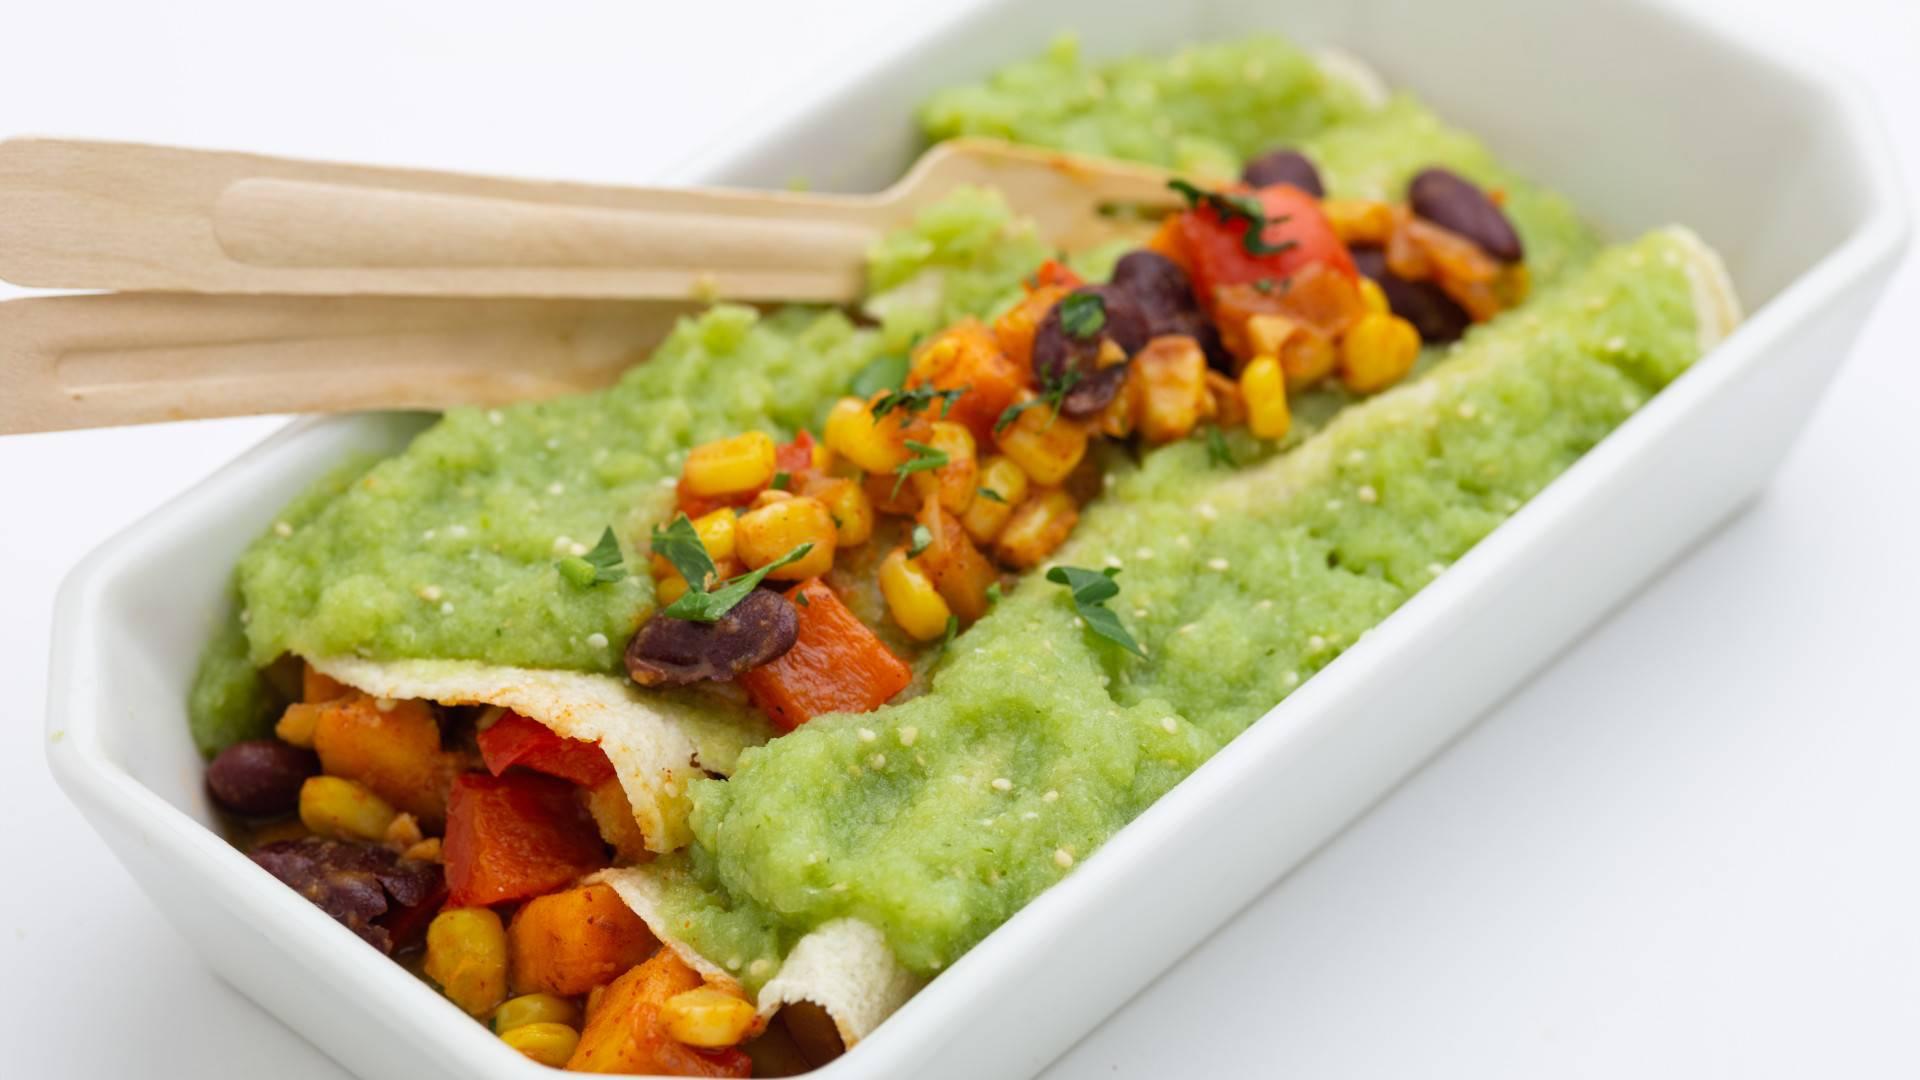 Roasted Vegetable Enchiladas with Salsa Verde